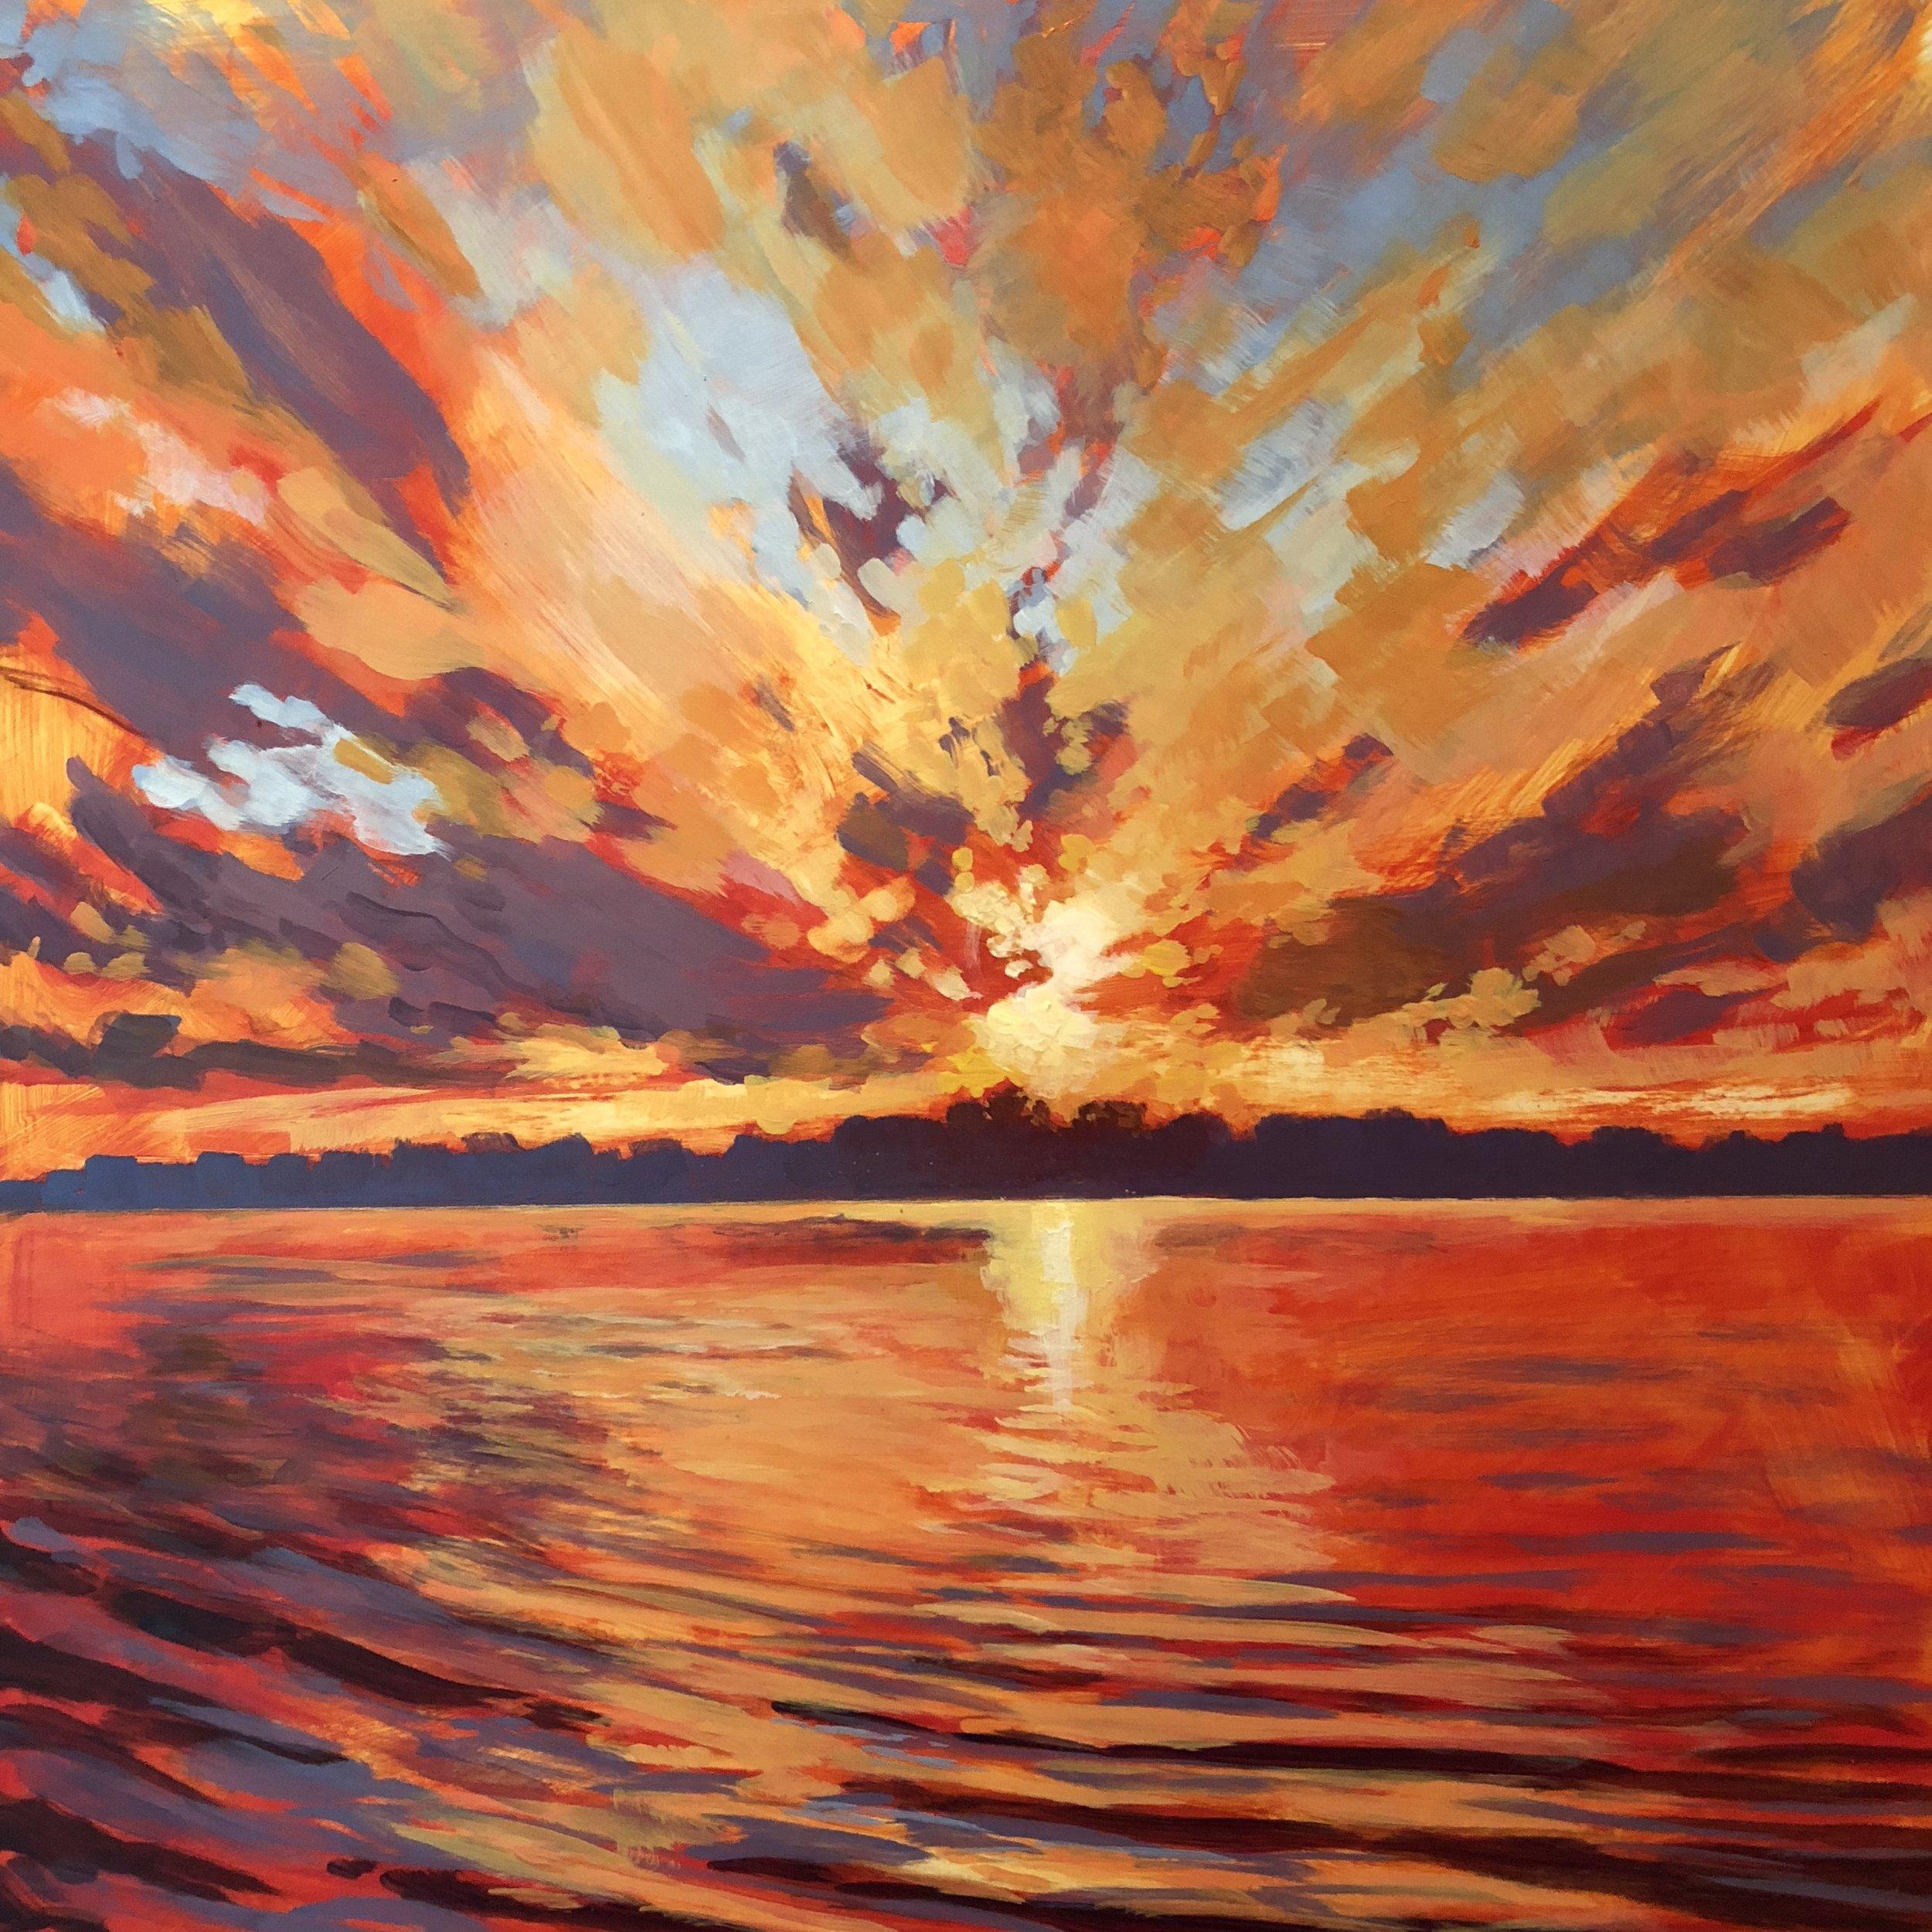 Lake Sunset,  acrylic painting by Jim Musil (USA)